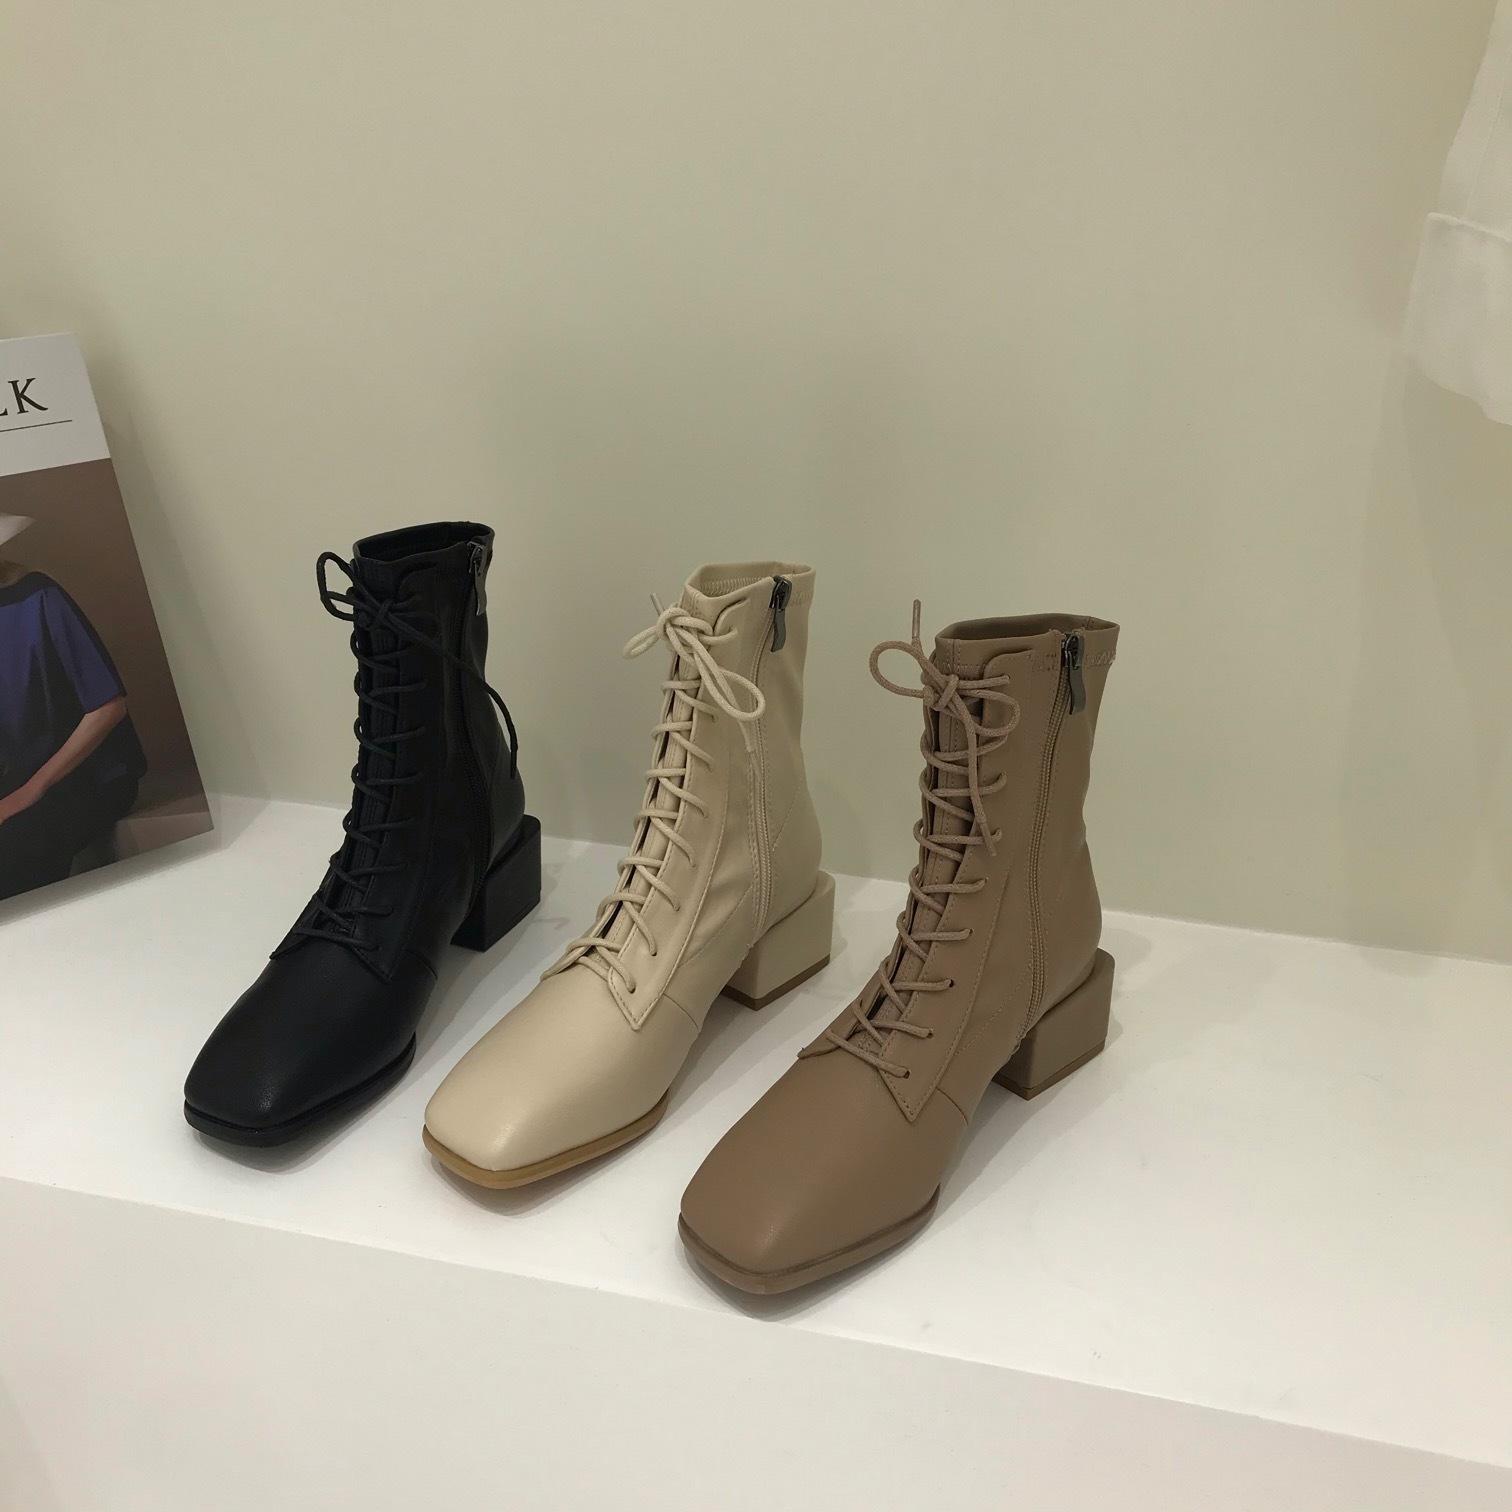 〈カフェシリーズ〉レースアップハイヒールブーツ【lace up high heel shoes】